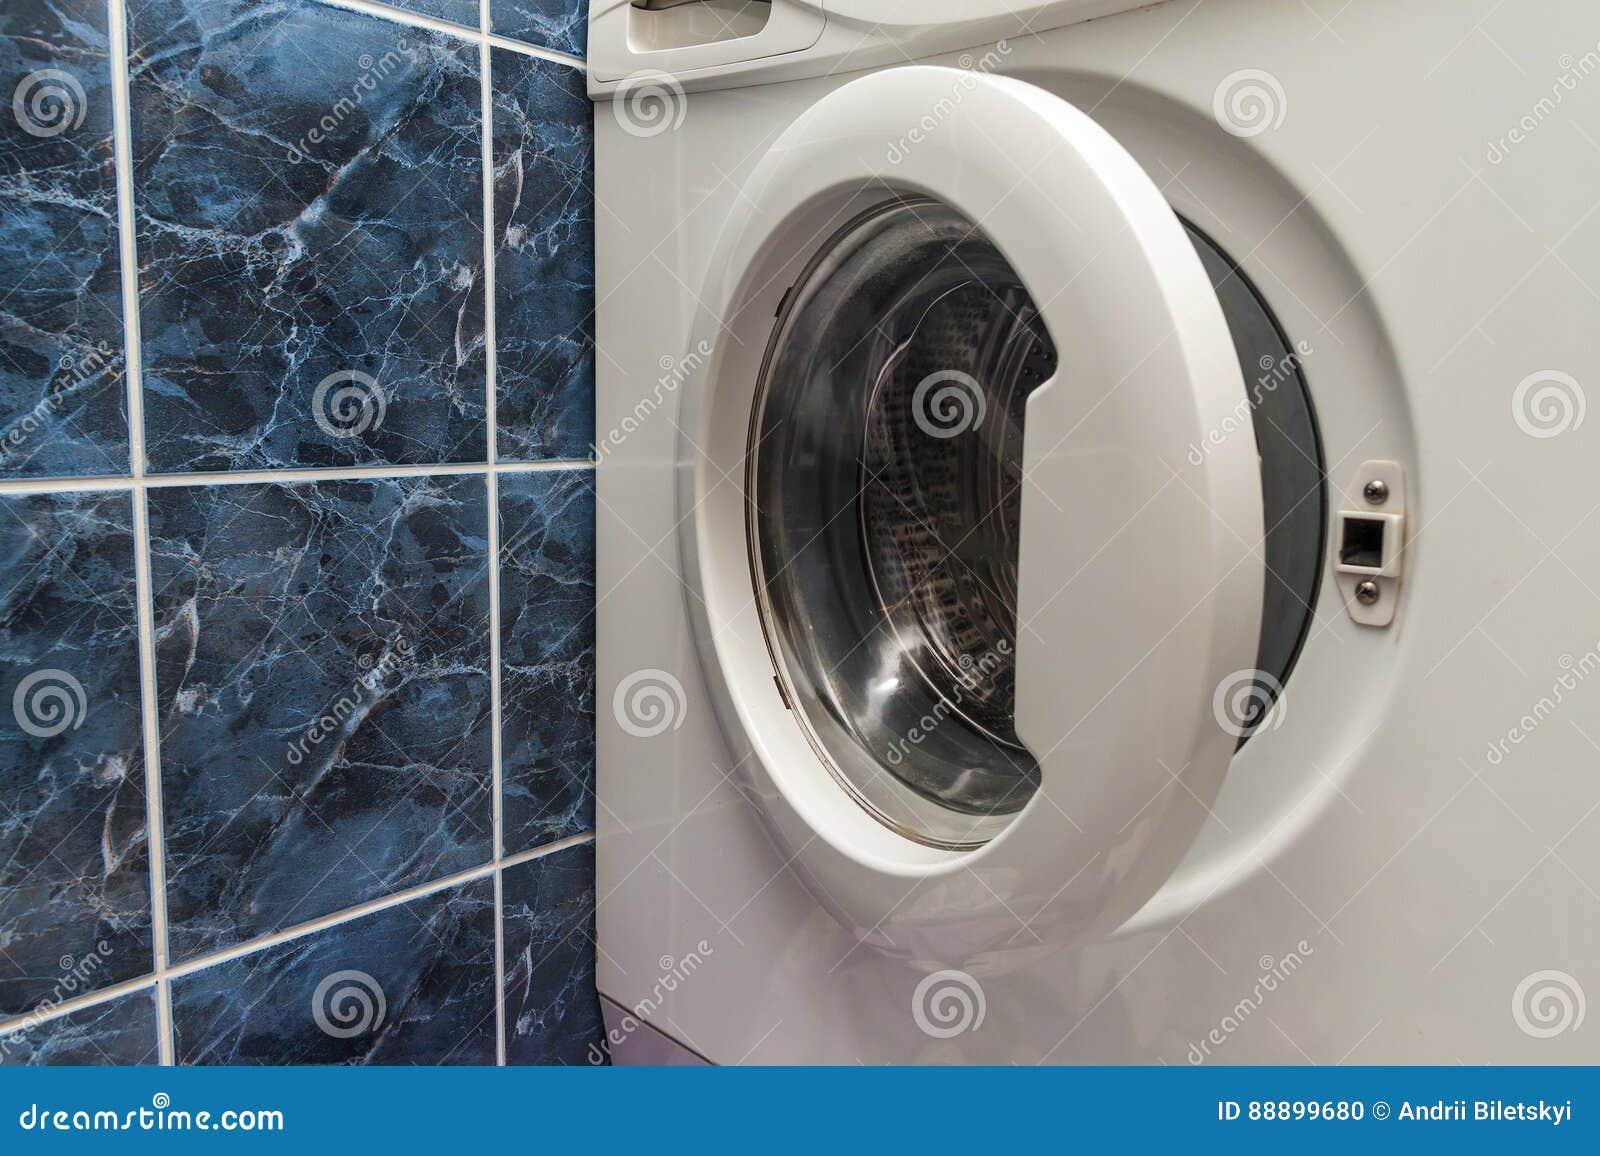 关闭开放洗衣机在卫生间里